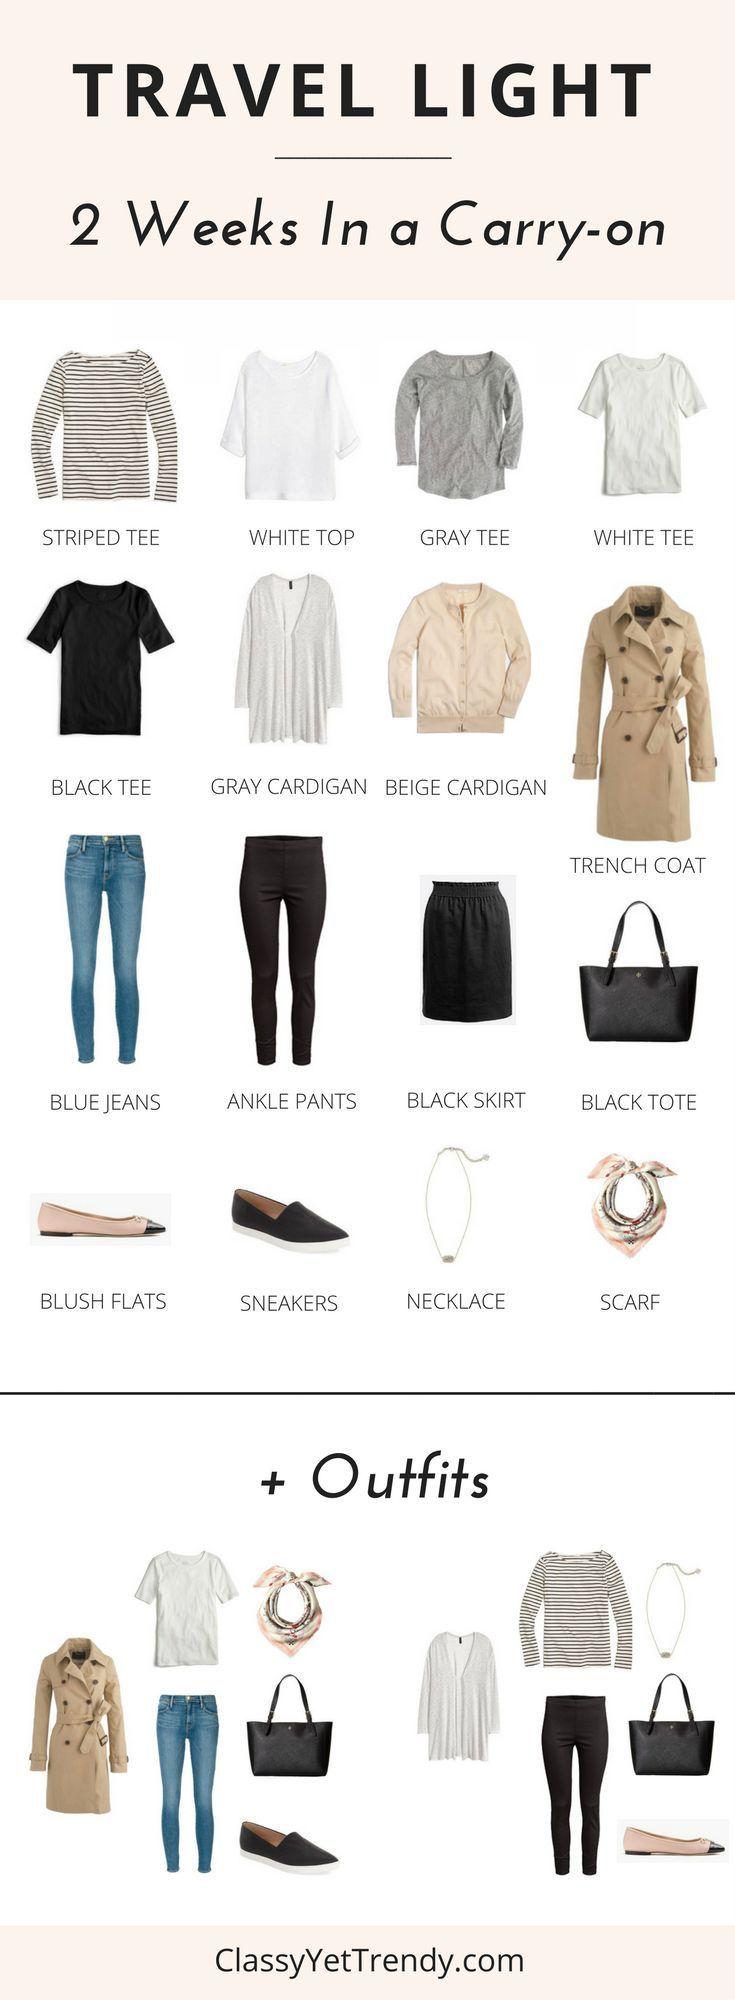 Damensneaker einkaufen auf Amazon Fashion #handluggage